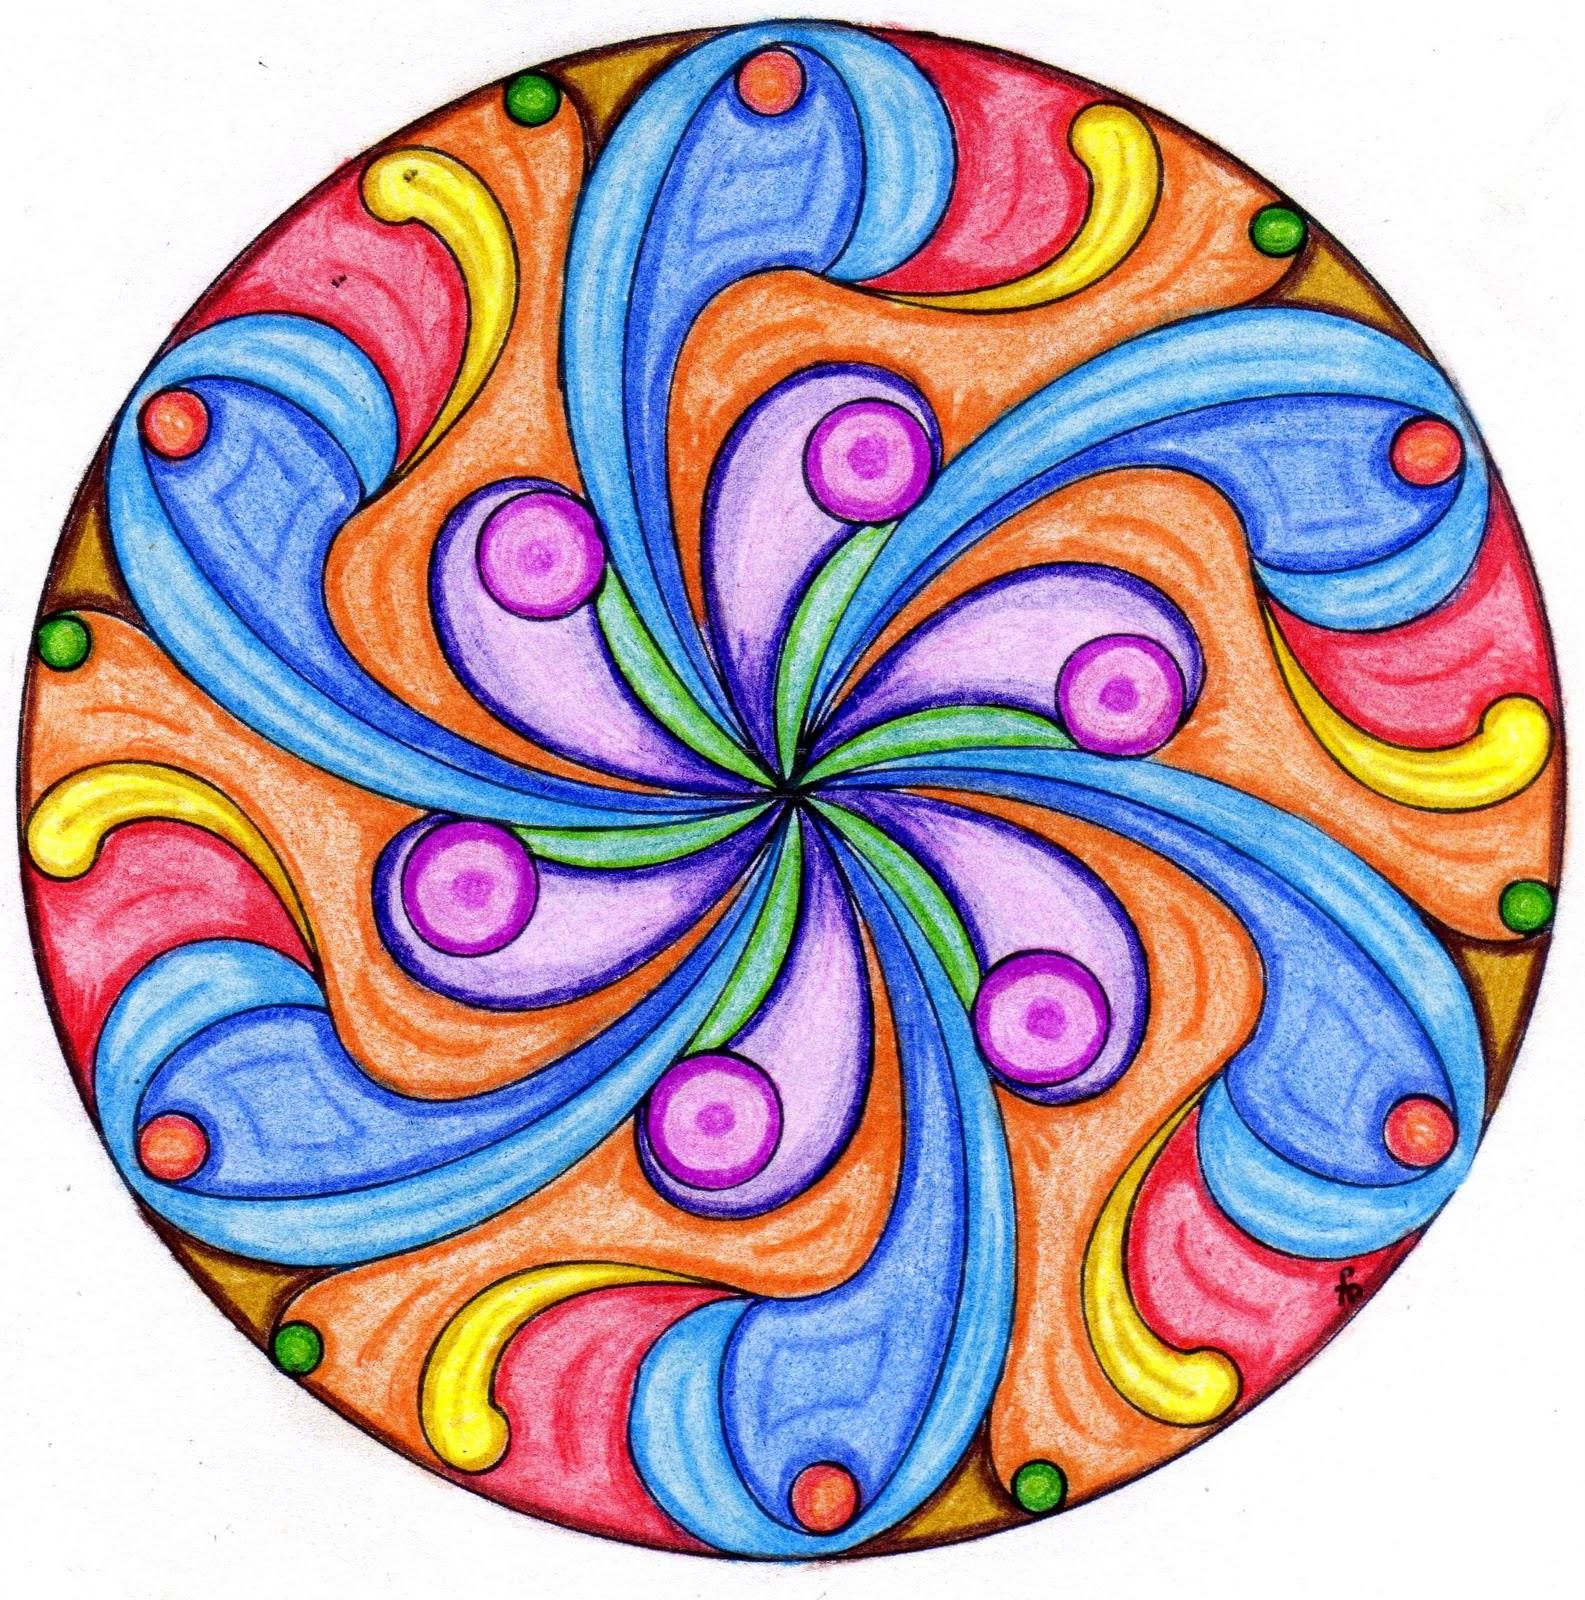 el delirio del lirium mandalas pintando dise os ajenos 1